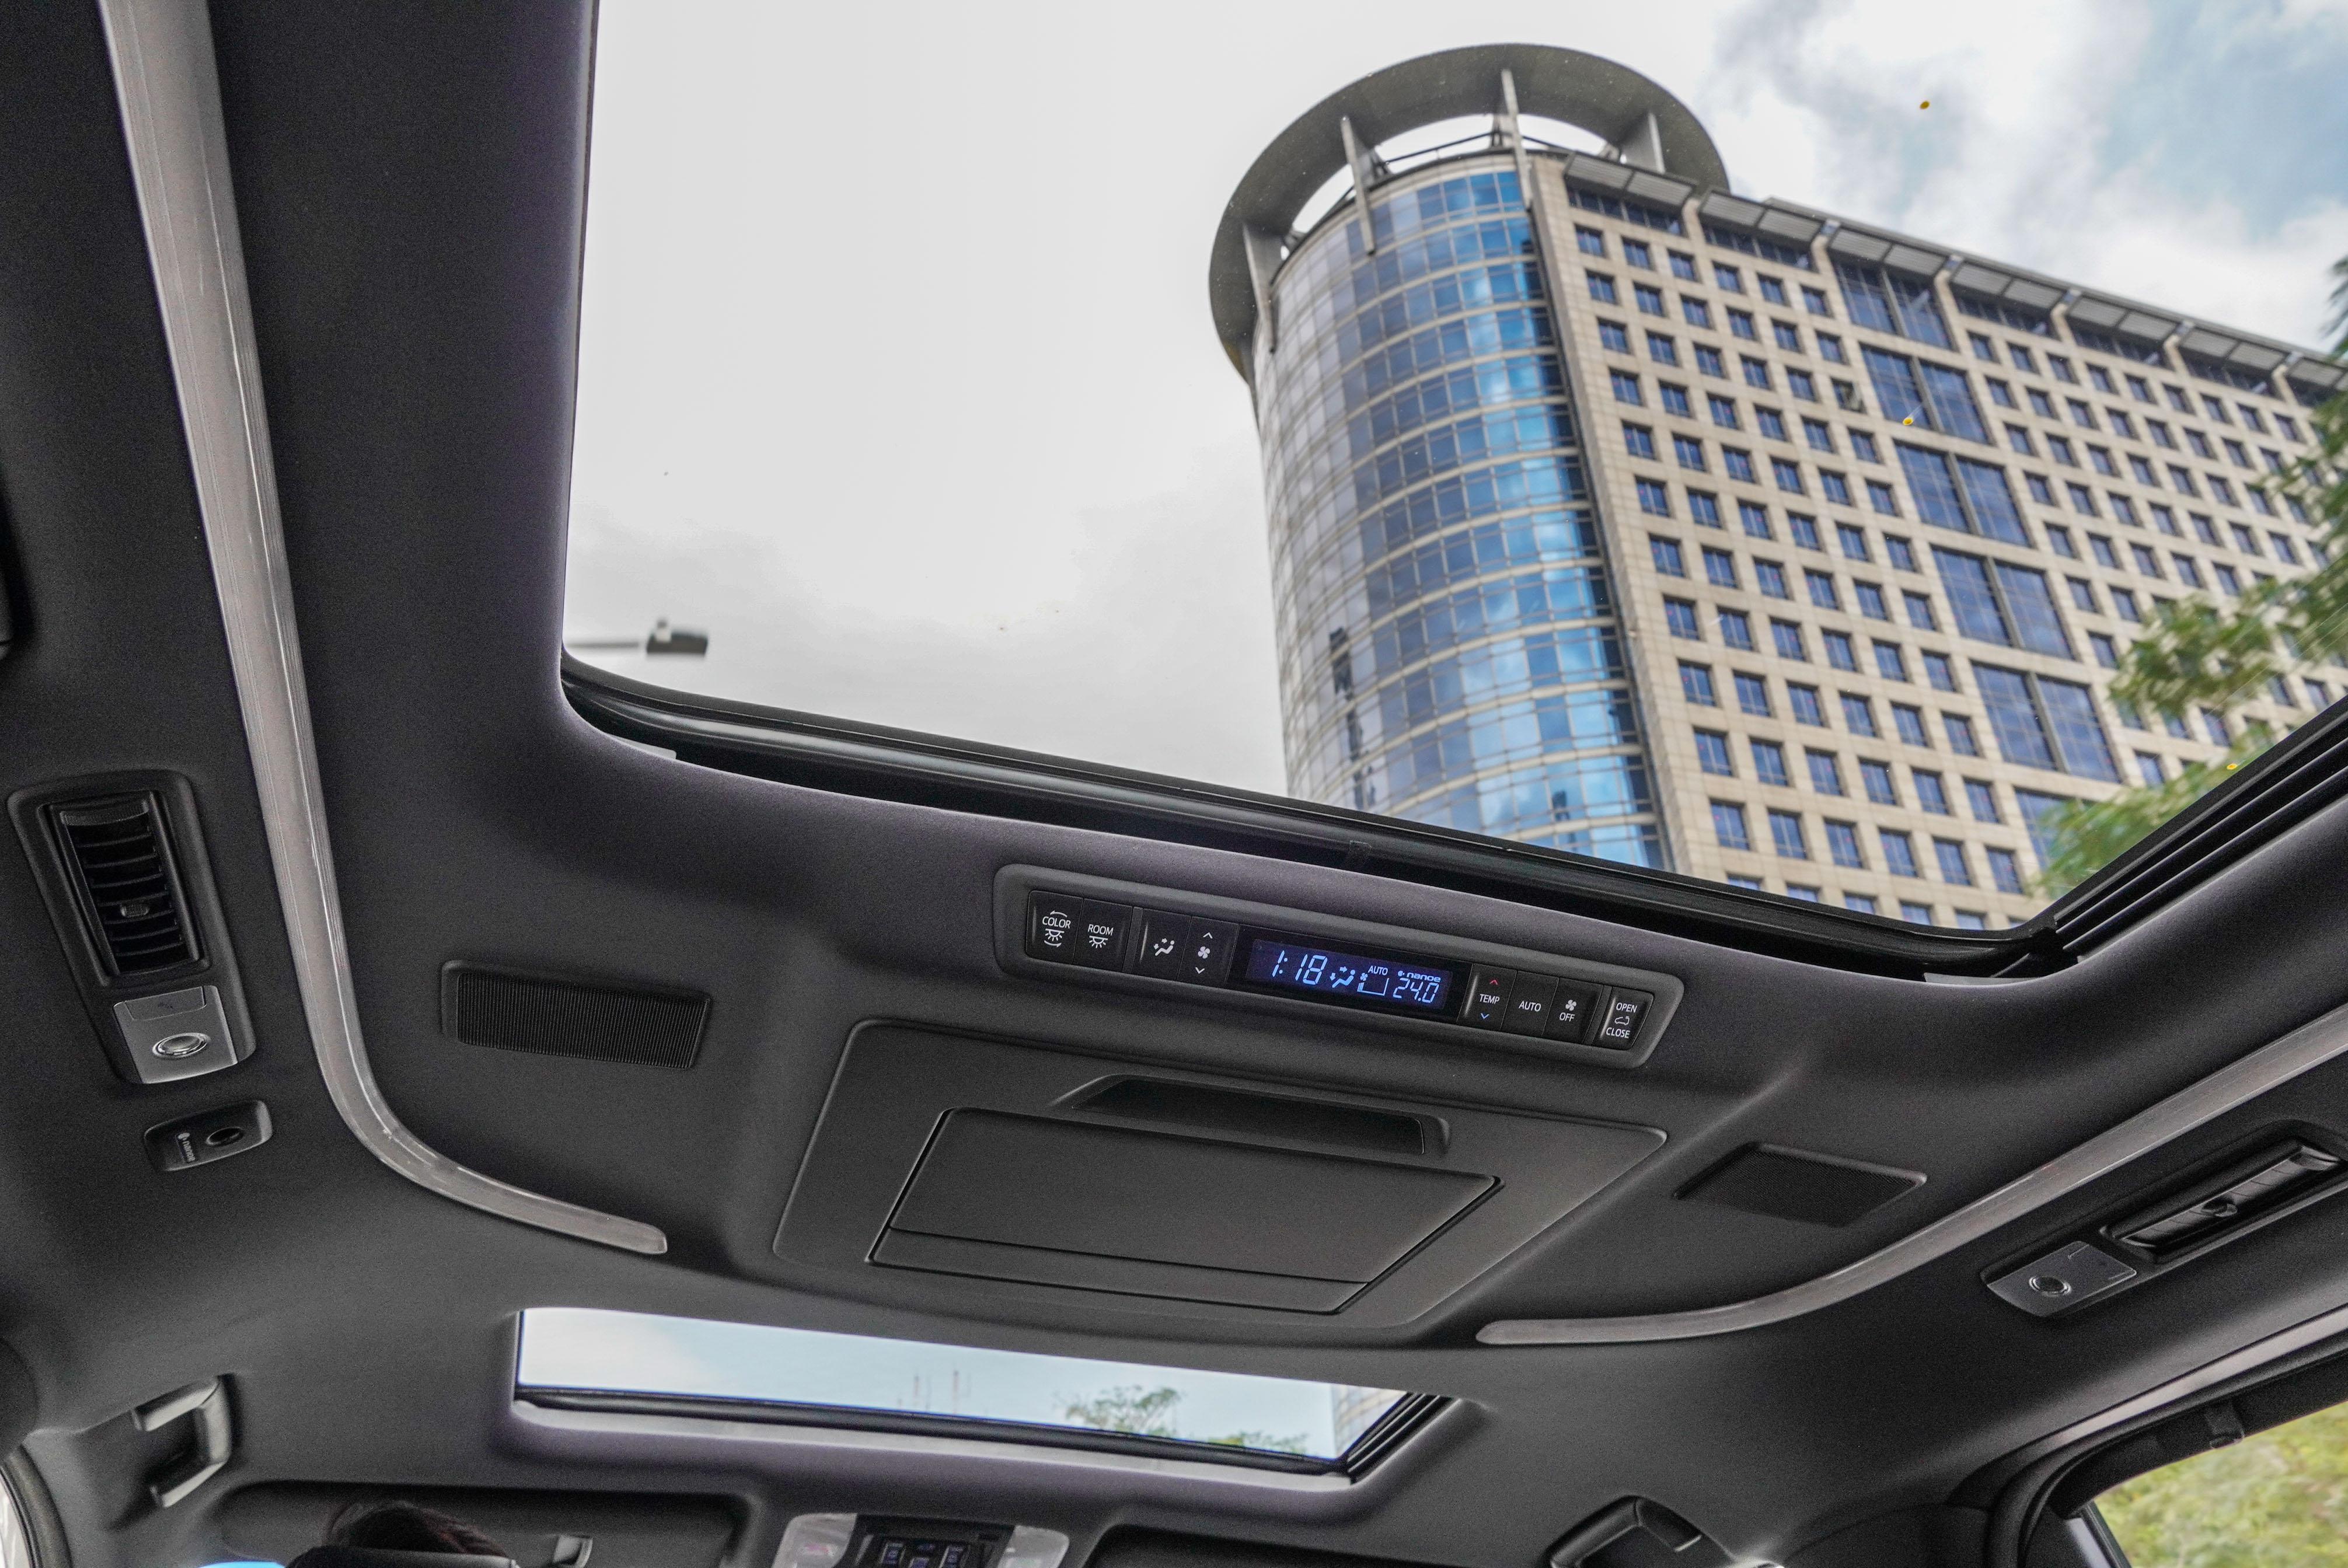 採取前後雙天窗配置,並配備智慧型三區獨立恆溫空調系統(雙前座+後座)。